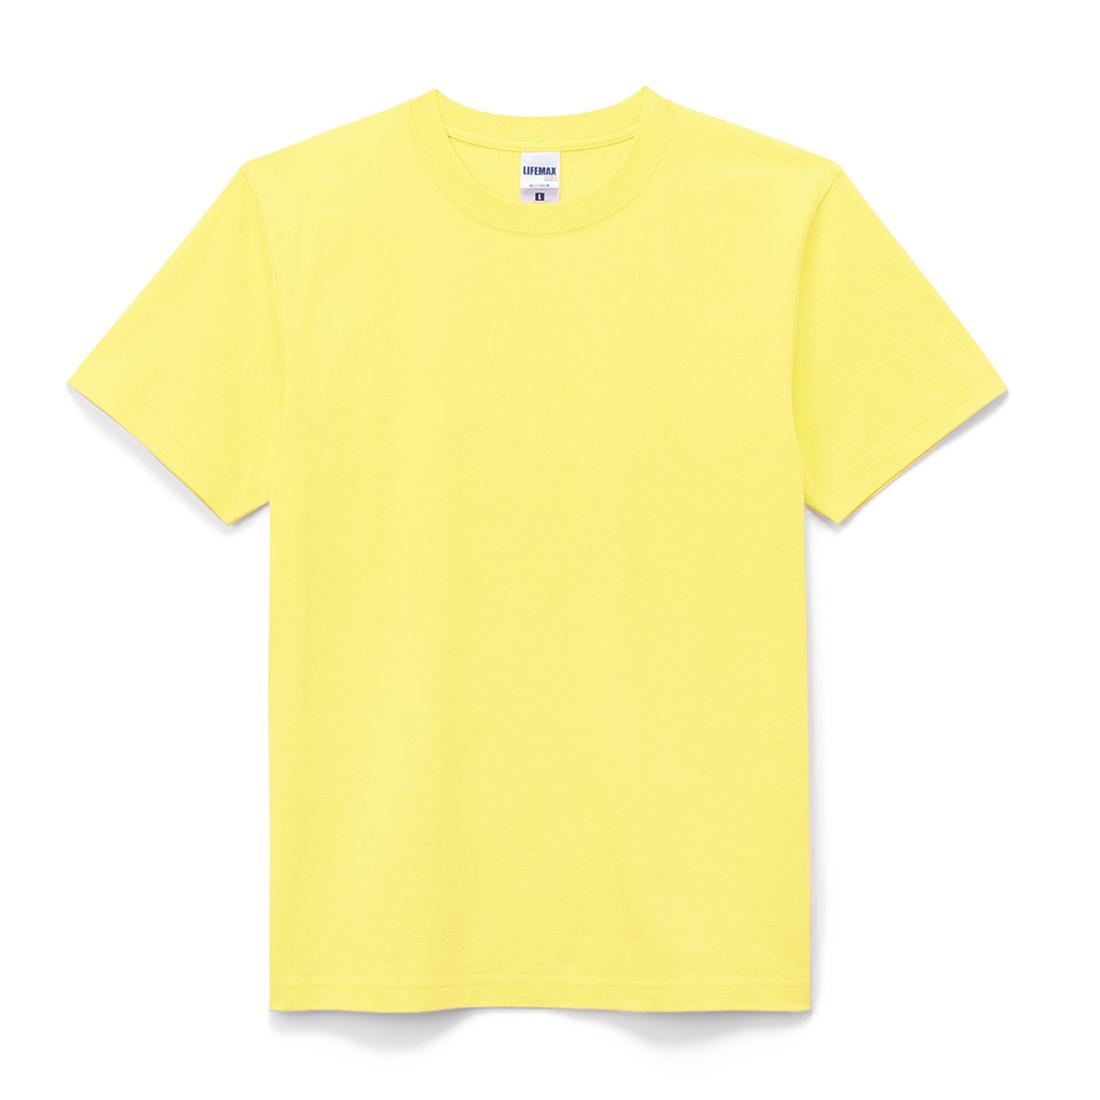 Tシャツ イエロー